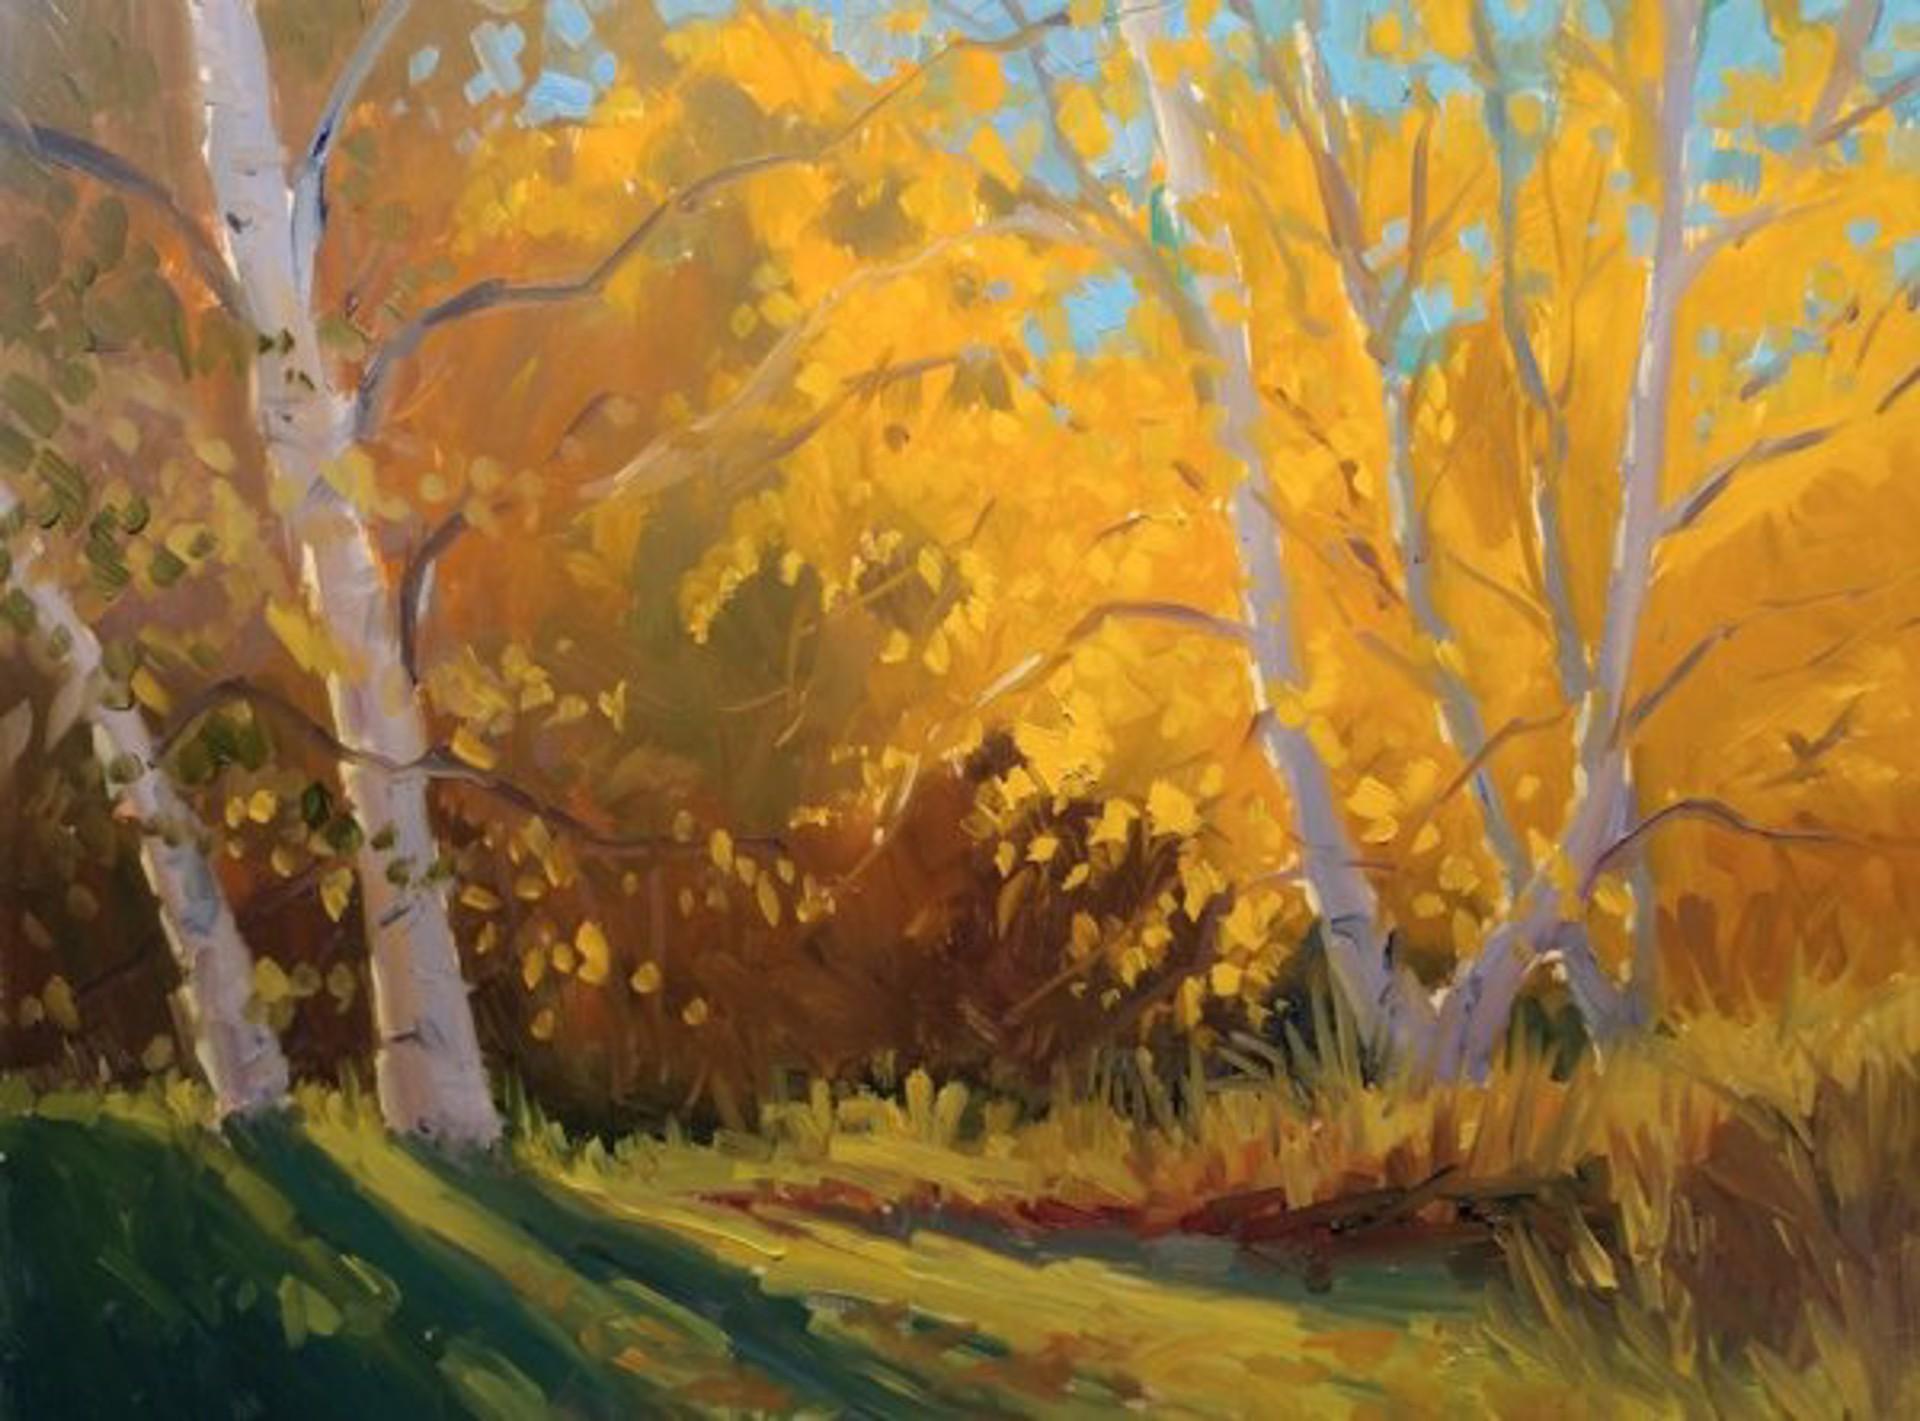 Autumn Glow by Jacobus Baas